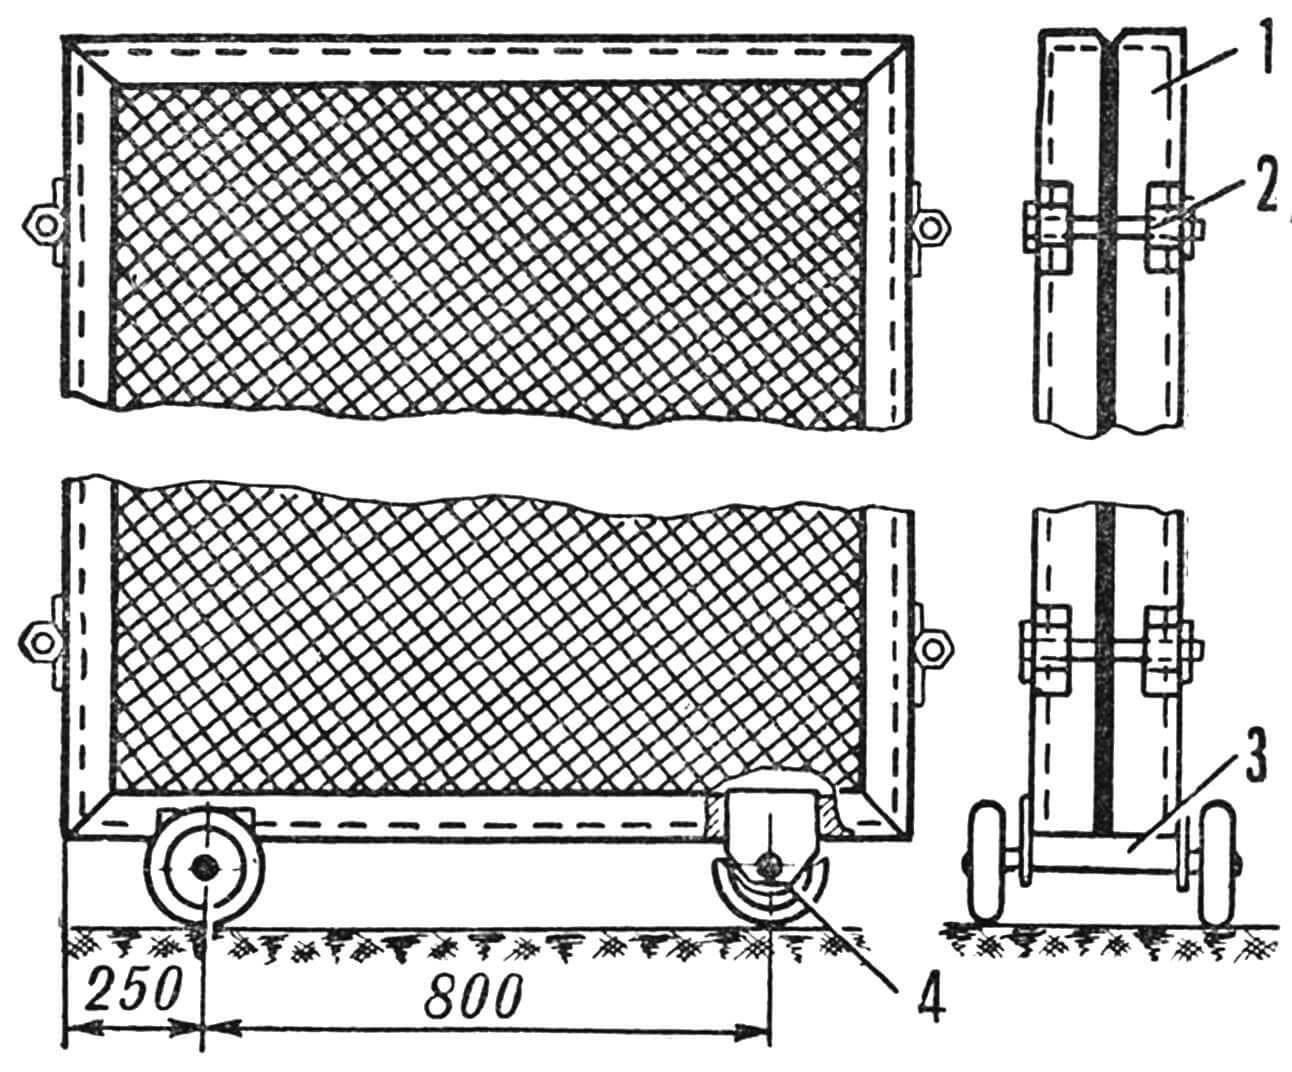 Рис. 3. Сетчатые теплицы с датчиком давления: 1 — рамка с сеткой; 2 — стяжной болт; 3 — ось катков; 4 — датчик.